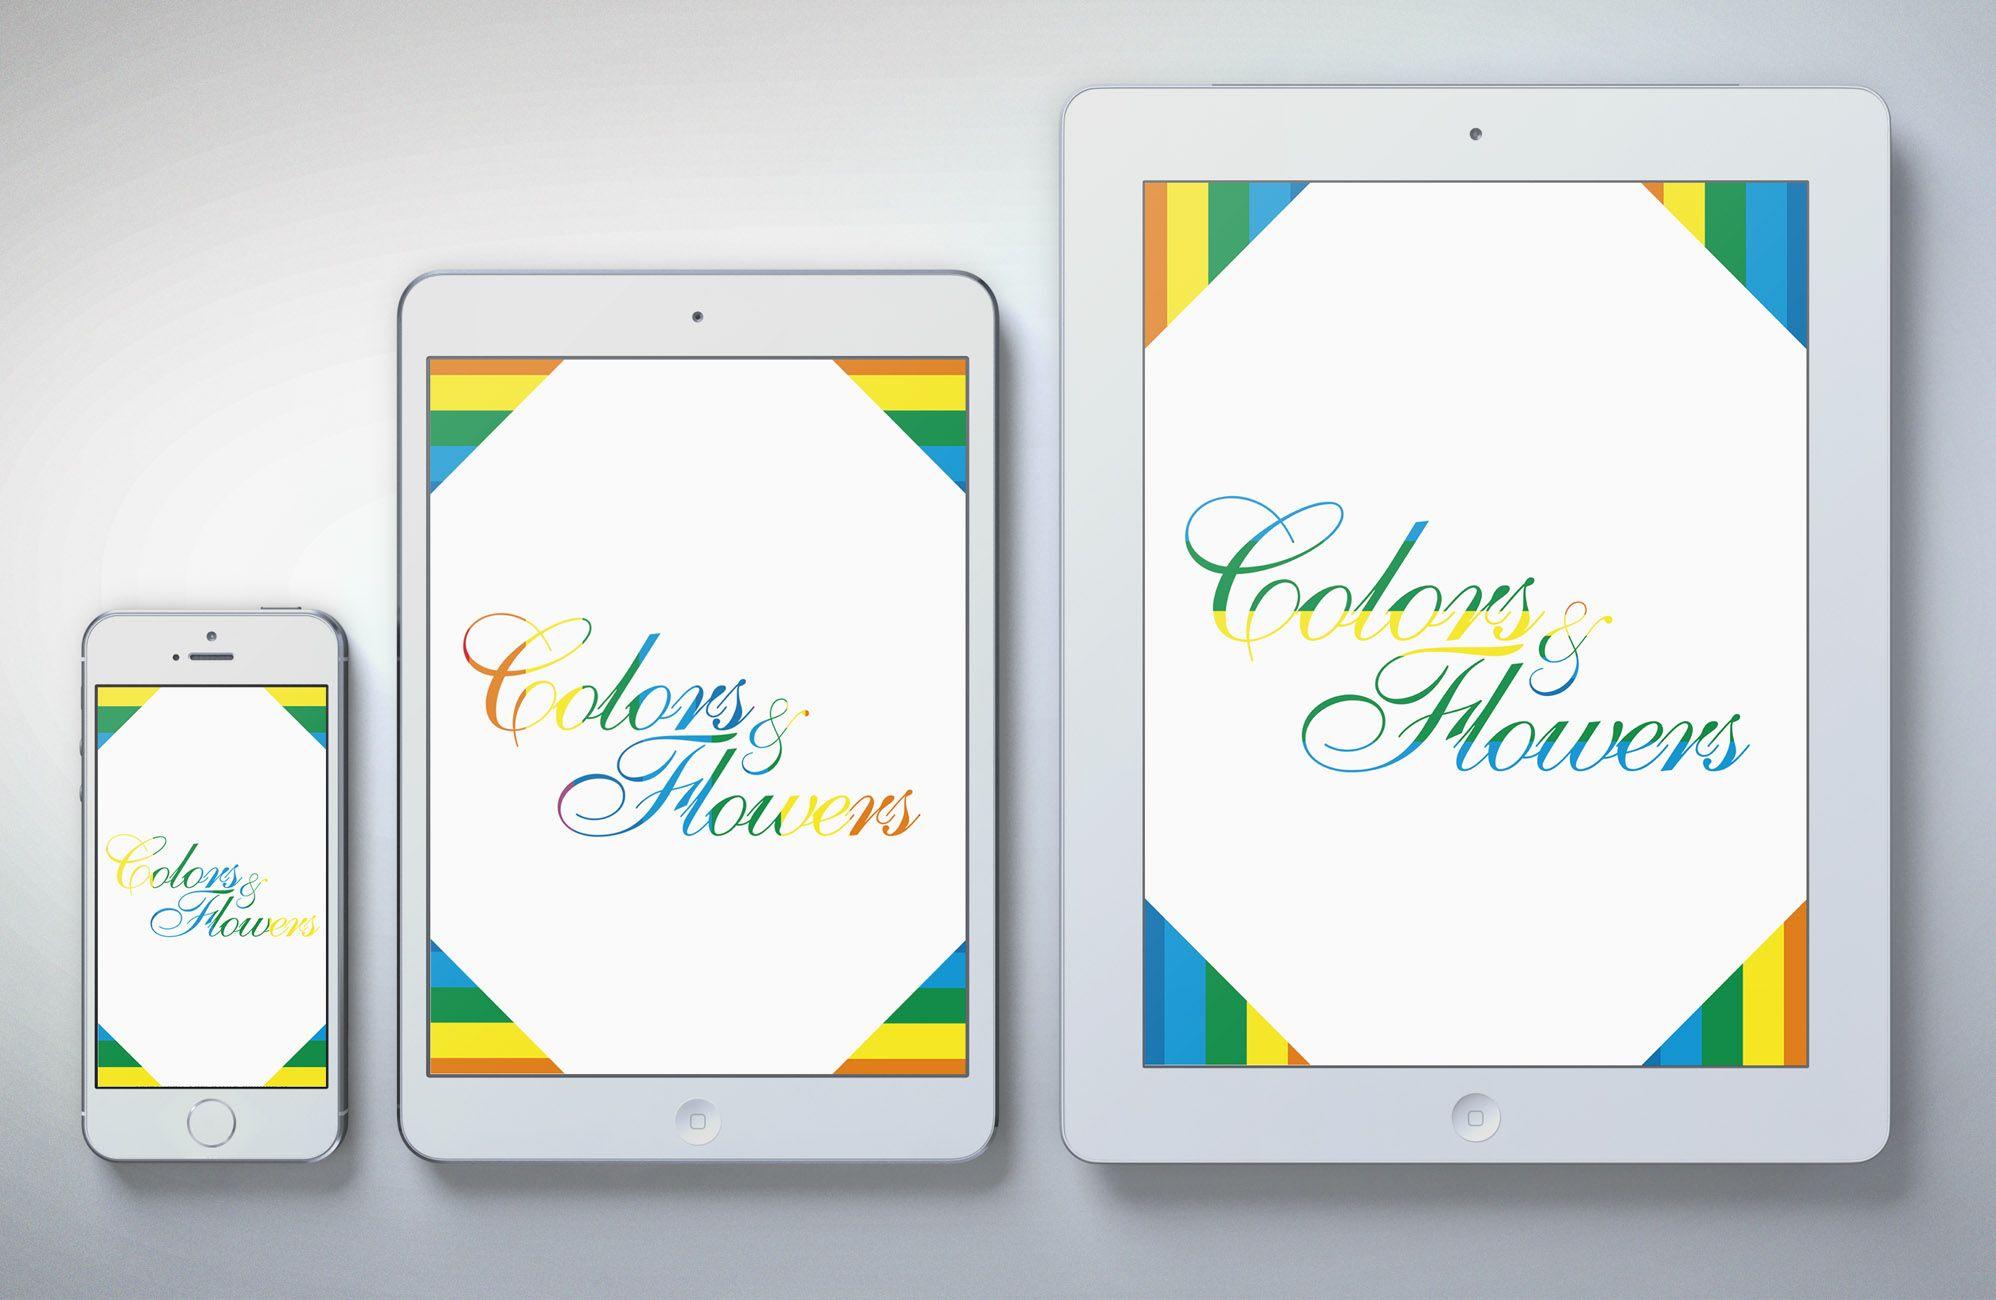 Colors & Flowers Логотип и фирменный стиль - дизайнер toster108